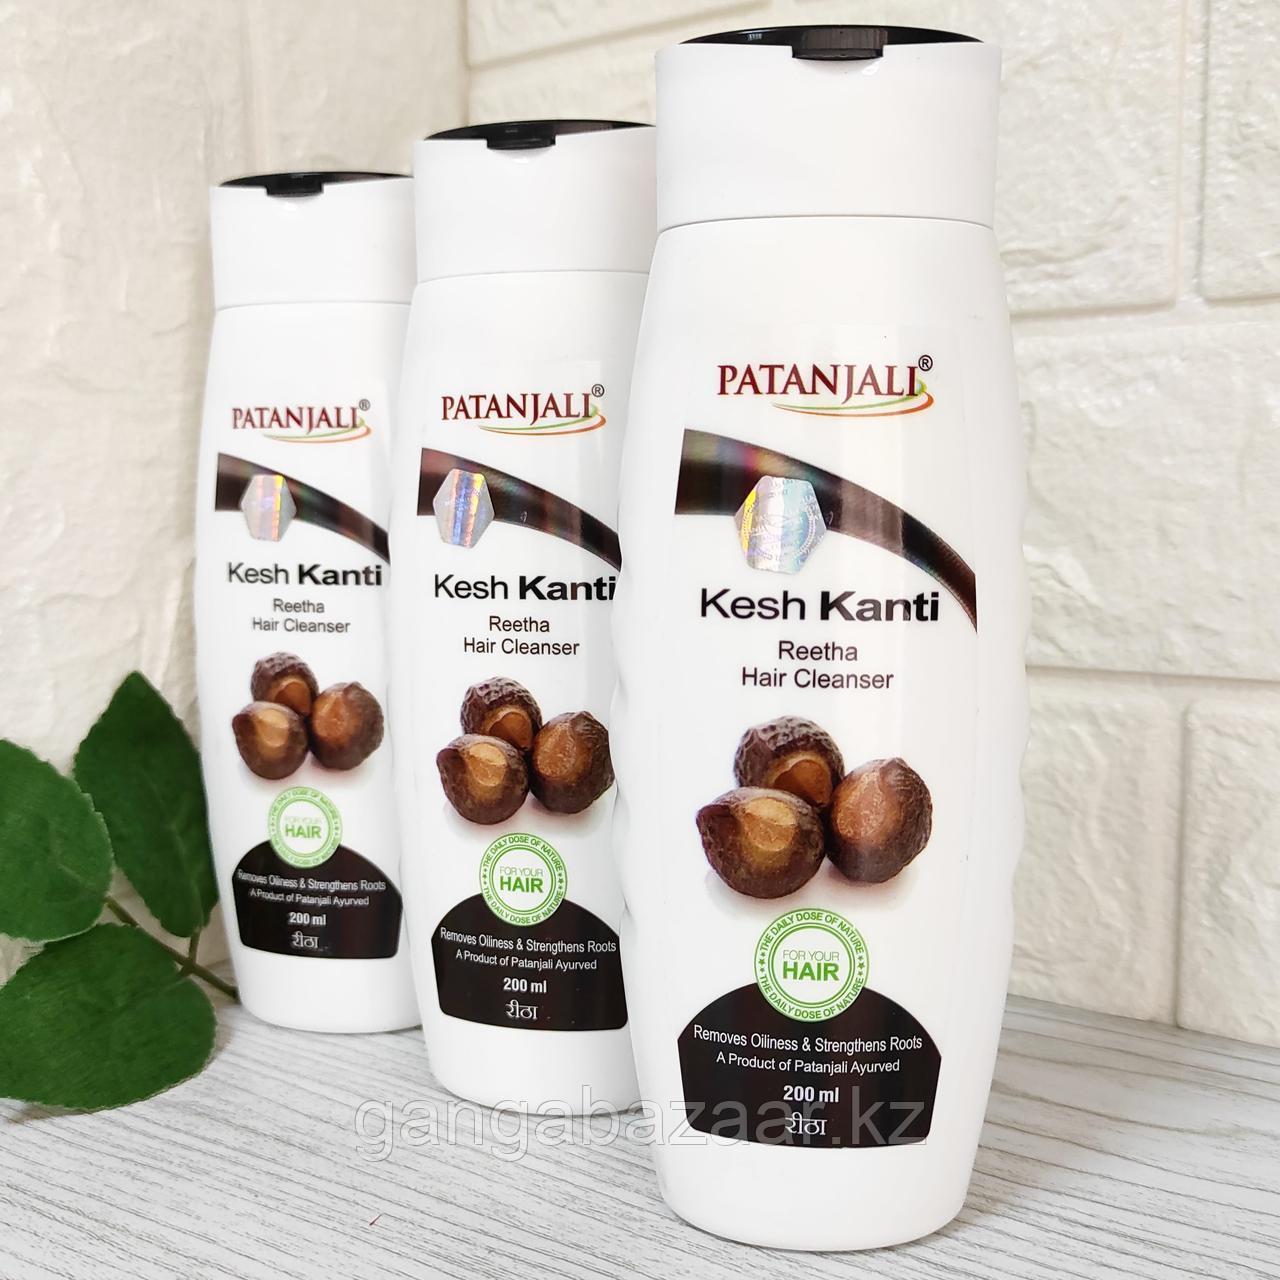 Шампунь Патанжали Кеш Канти с мыльным орехом Ритха (Patanjali Kesh Kanti hair cleanser), 200 мл